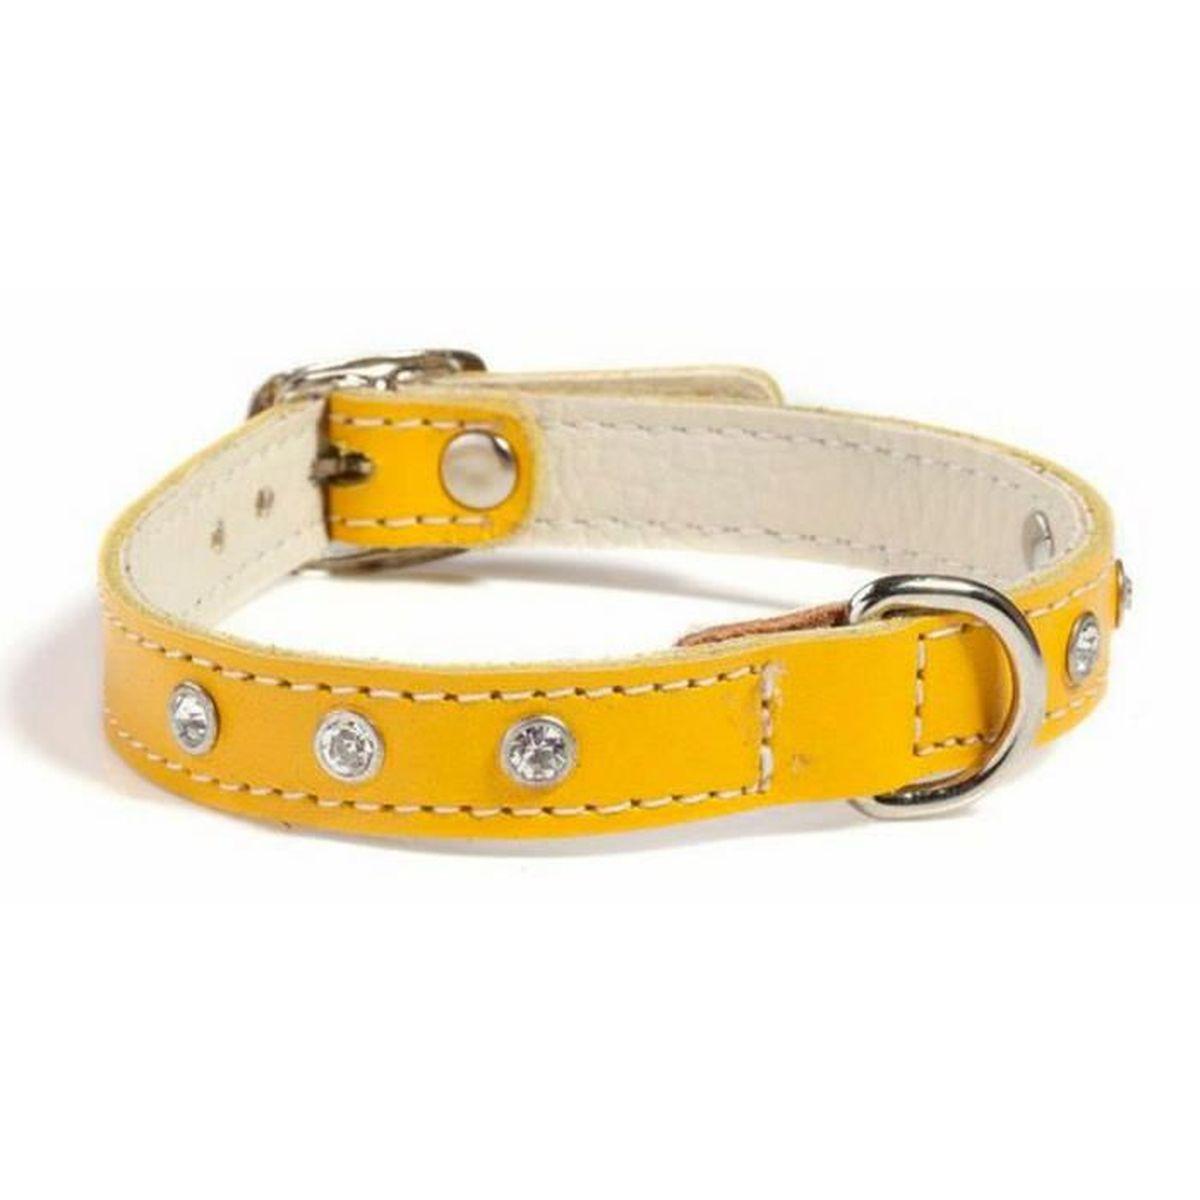 collier chien cuir 35 cm